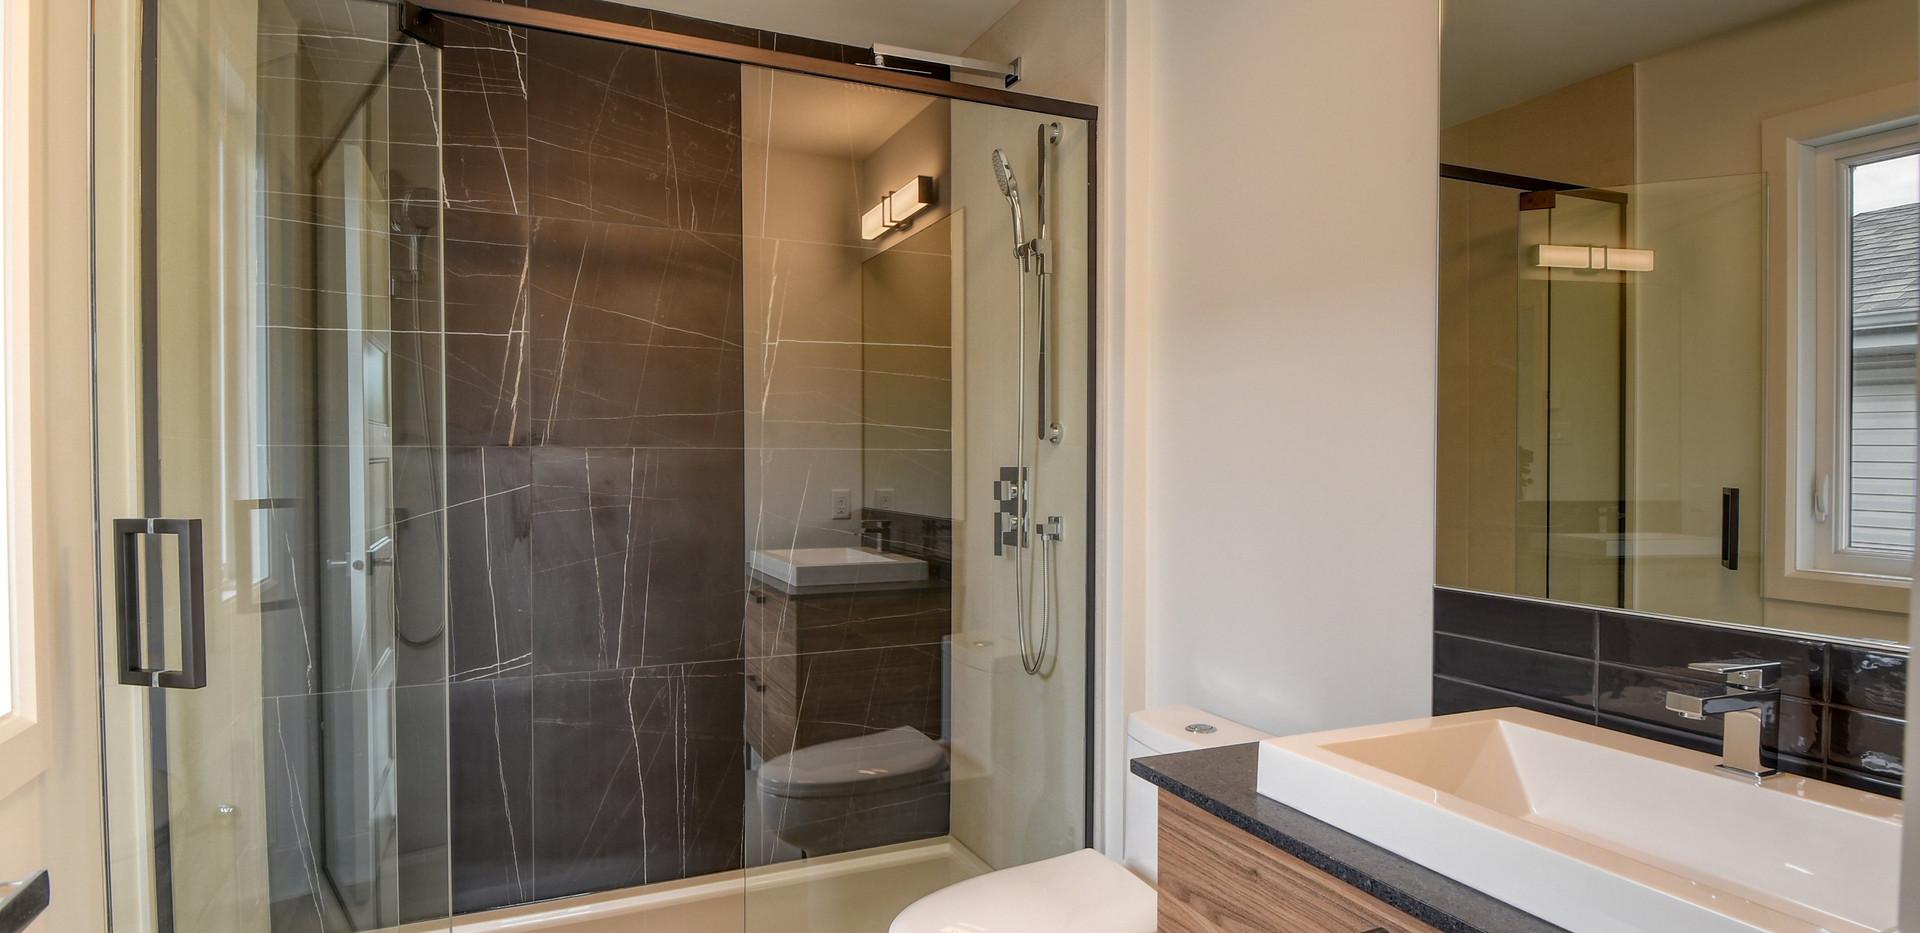 031-19131044-Salle de bain attenante-001